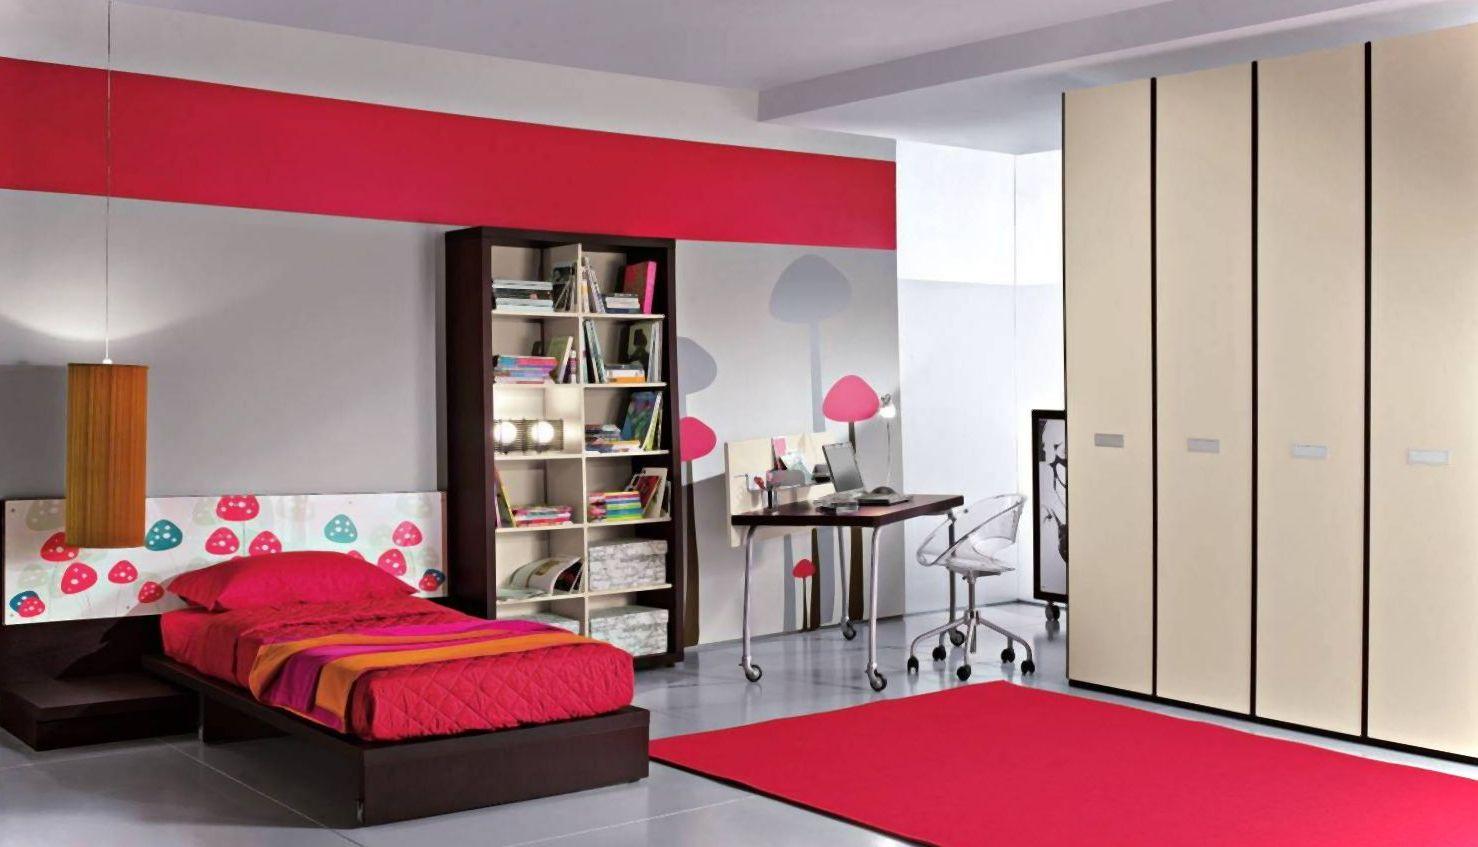 Full Size of Rosa Und Graues Teenager Schlafzimmer And Also Schiebeschrank Küche Ikea Kosten Betten Bei 160x200 Modulküche Kaufen Miniküche Sofa Mit Schlaffunktion Wohnzimmer Schrankbett Ikea